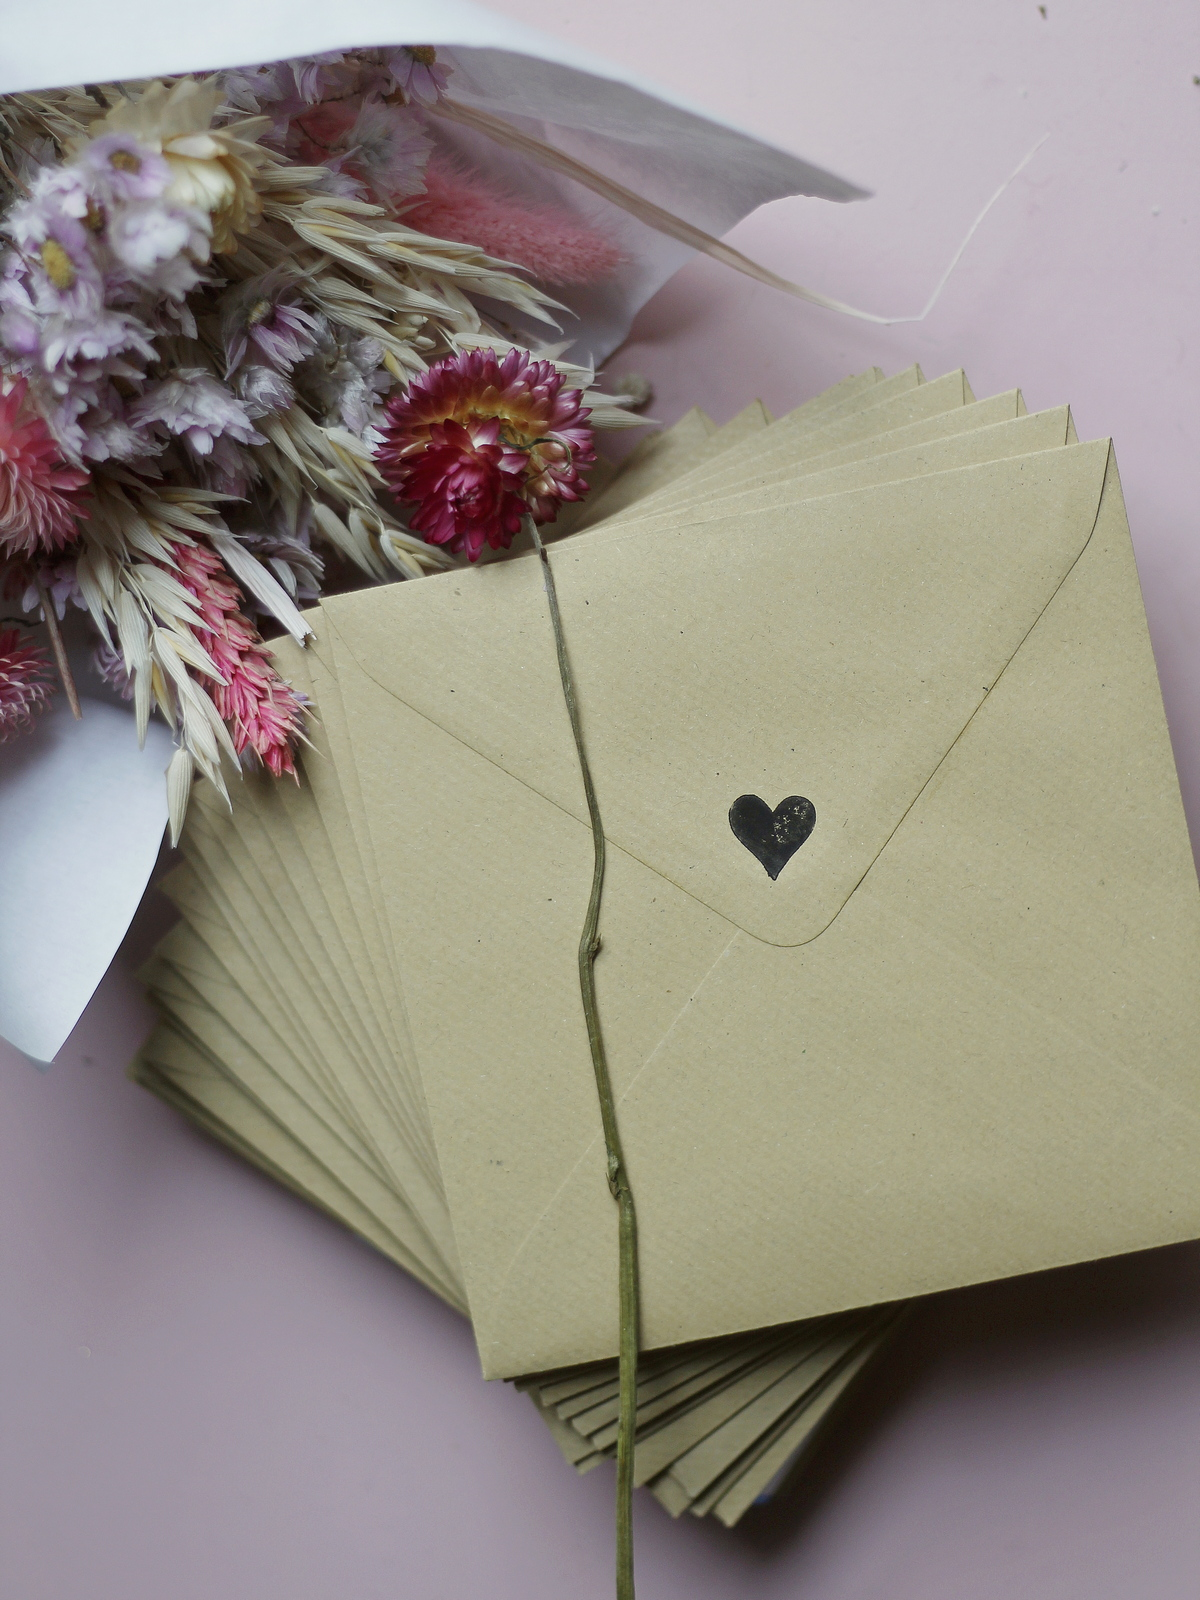 faire-part mariage champetre pas cher - popcarte - du style madame - chic - original - enveloppe kraft - tampon coeur